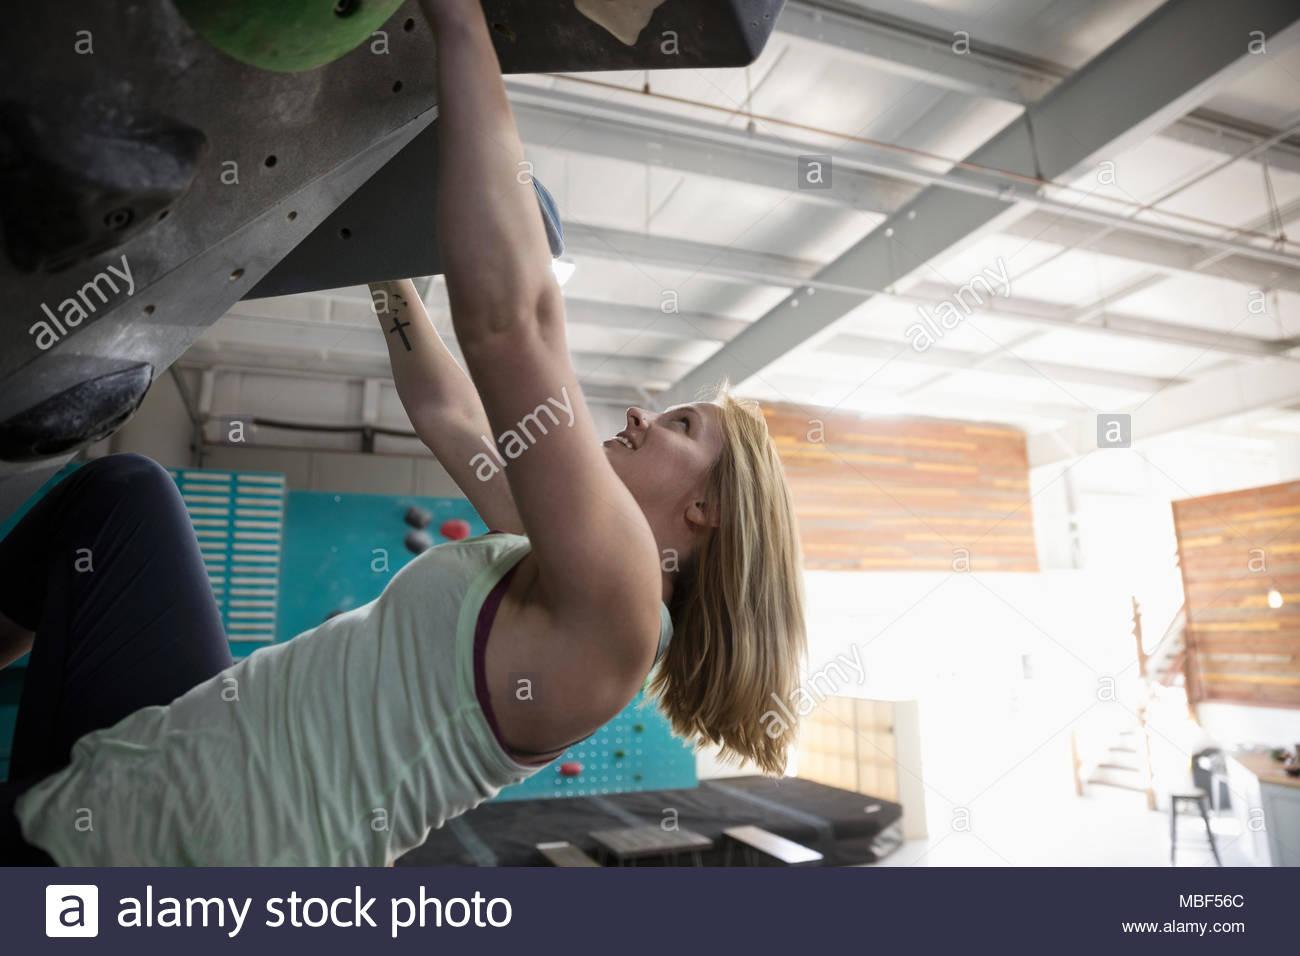 Hembra decidida escalador muro de escalada en el gimnasio de escalada Imagen De Stock